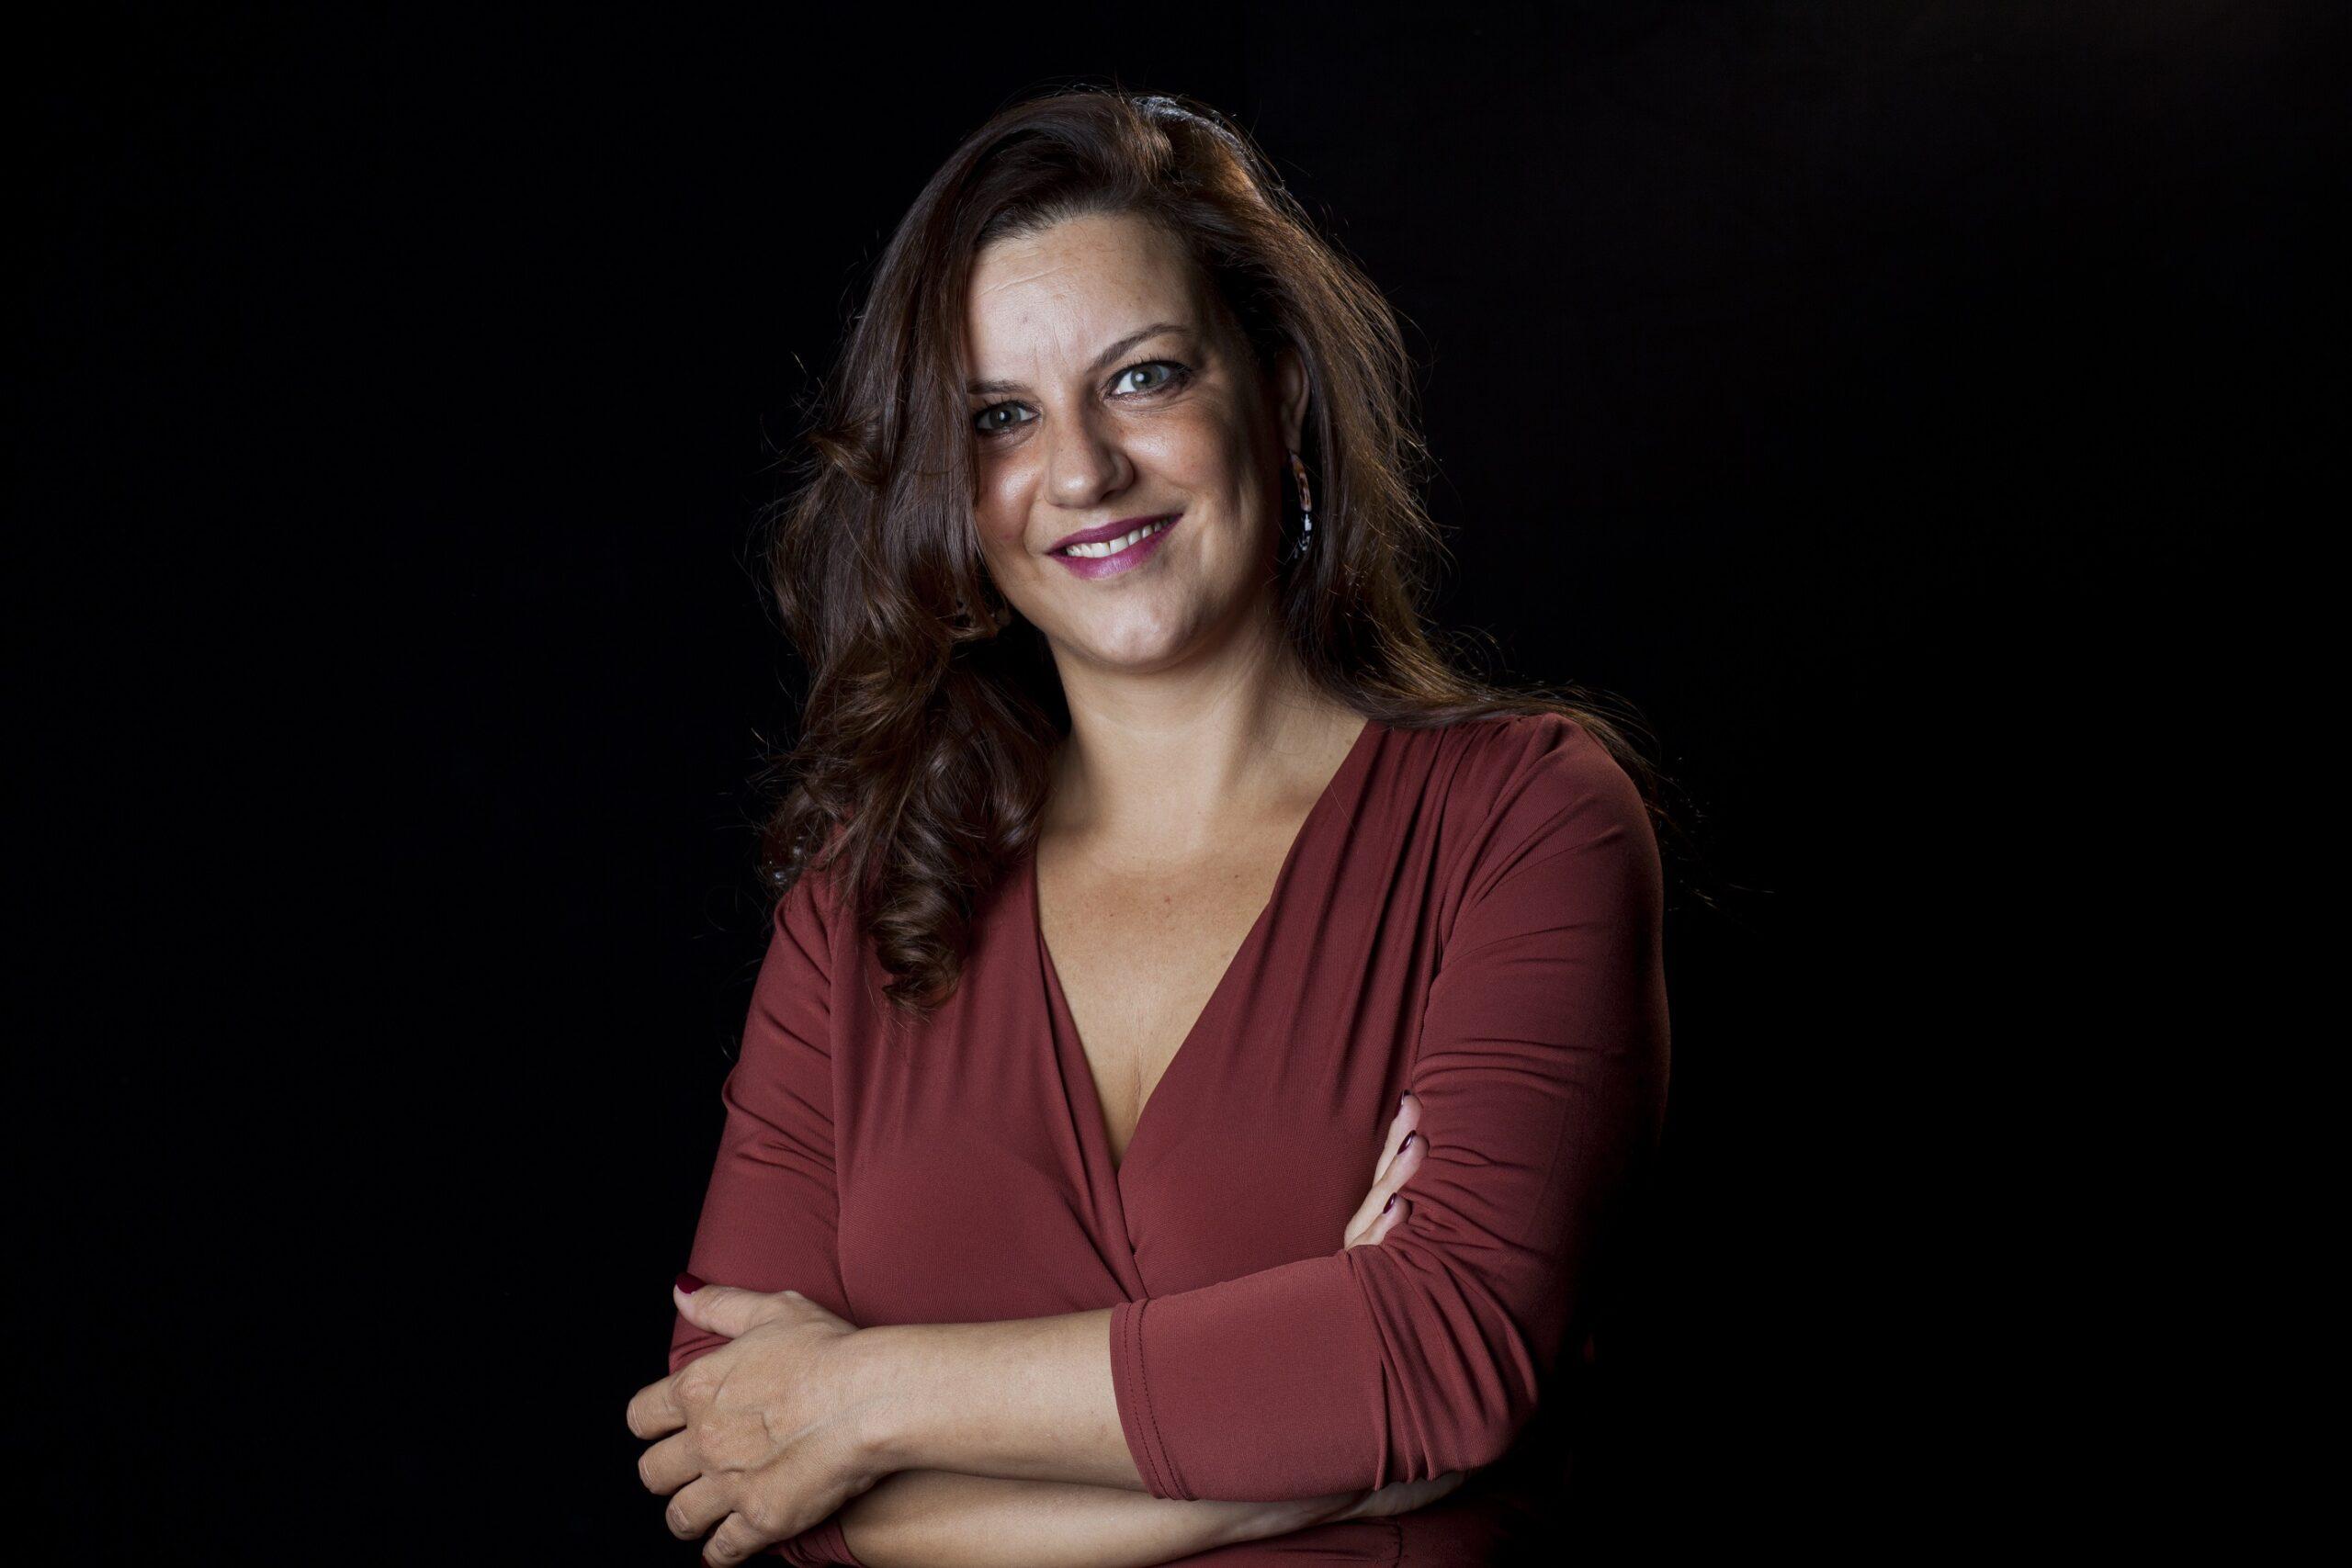 Luciana Cimino